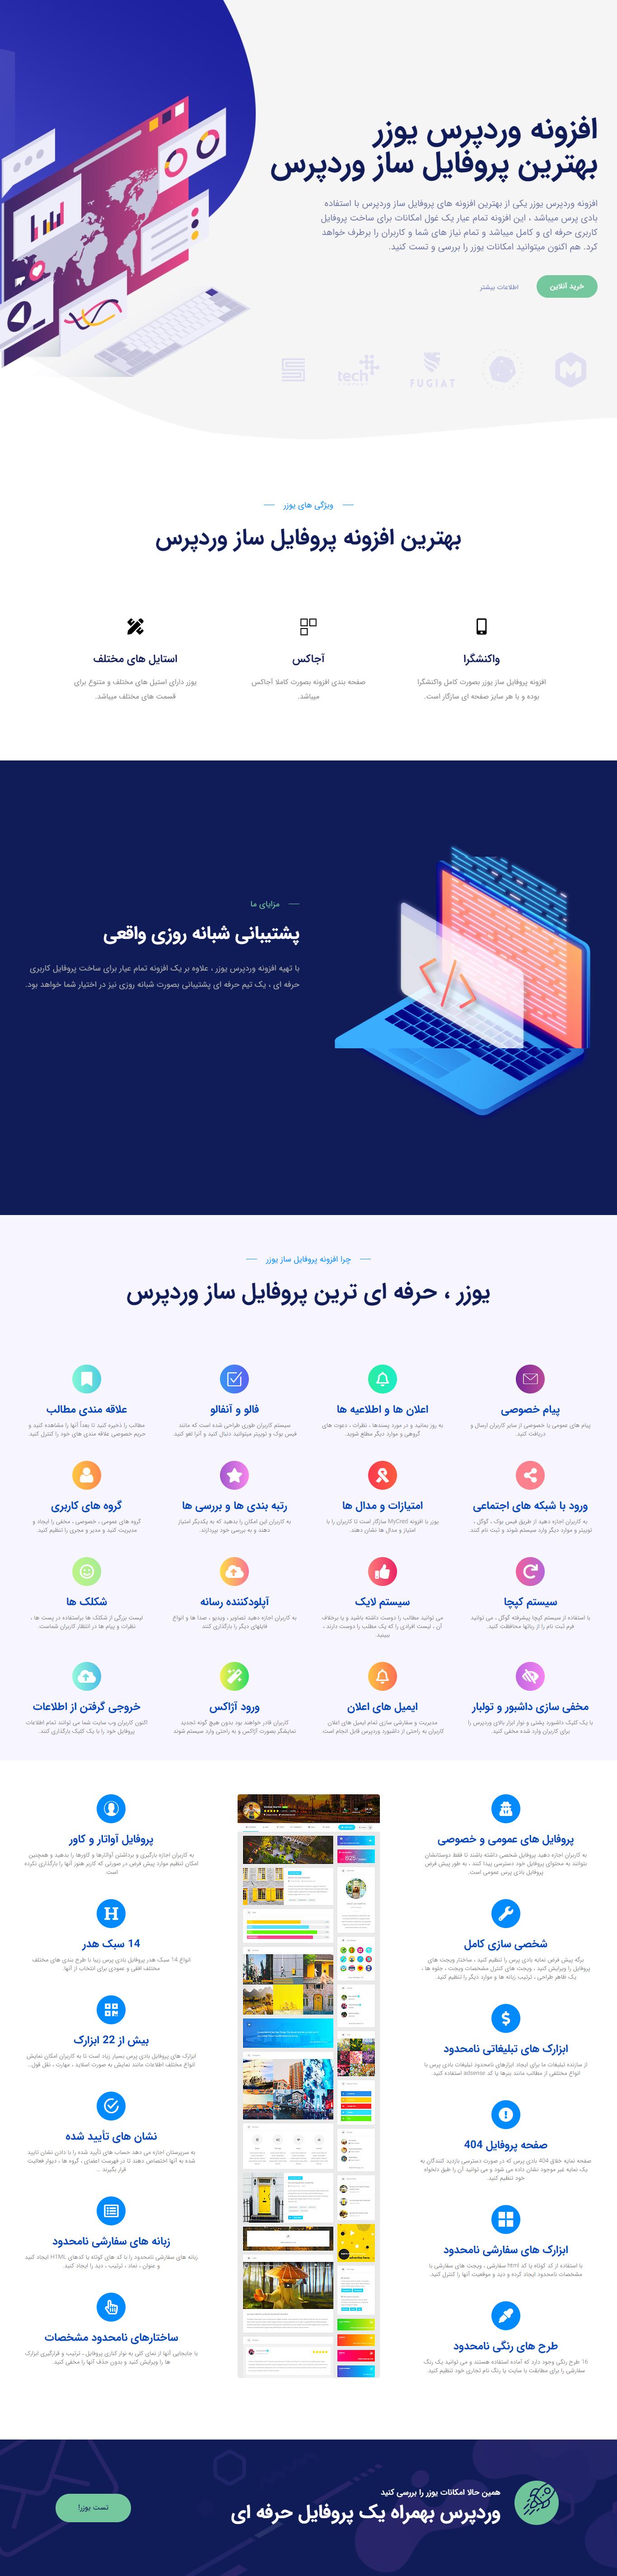 افزونه Youzer | افزونه ساخت پروفایل کاربری